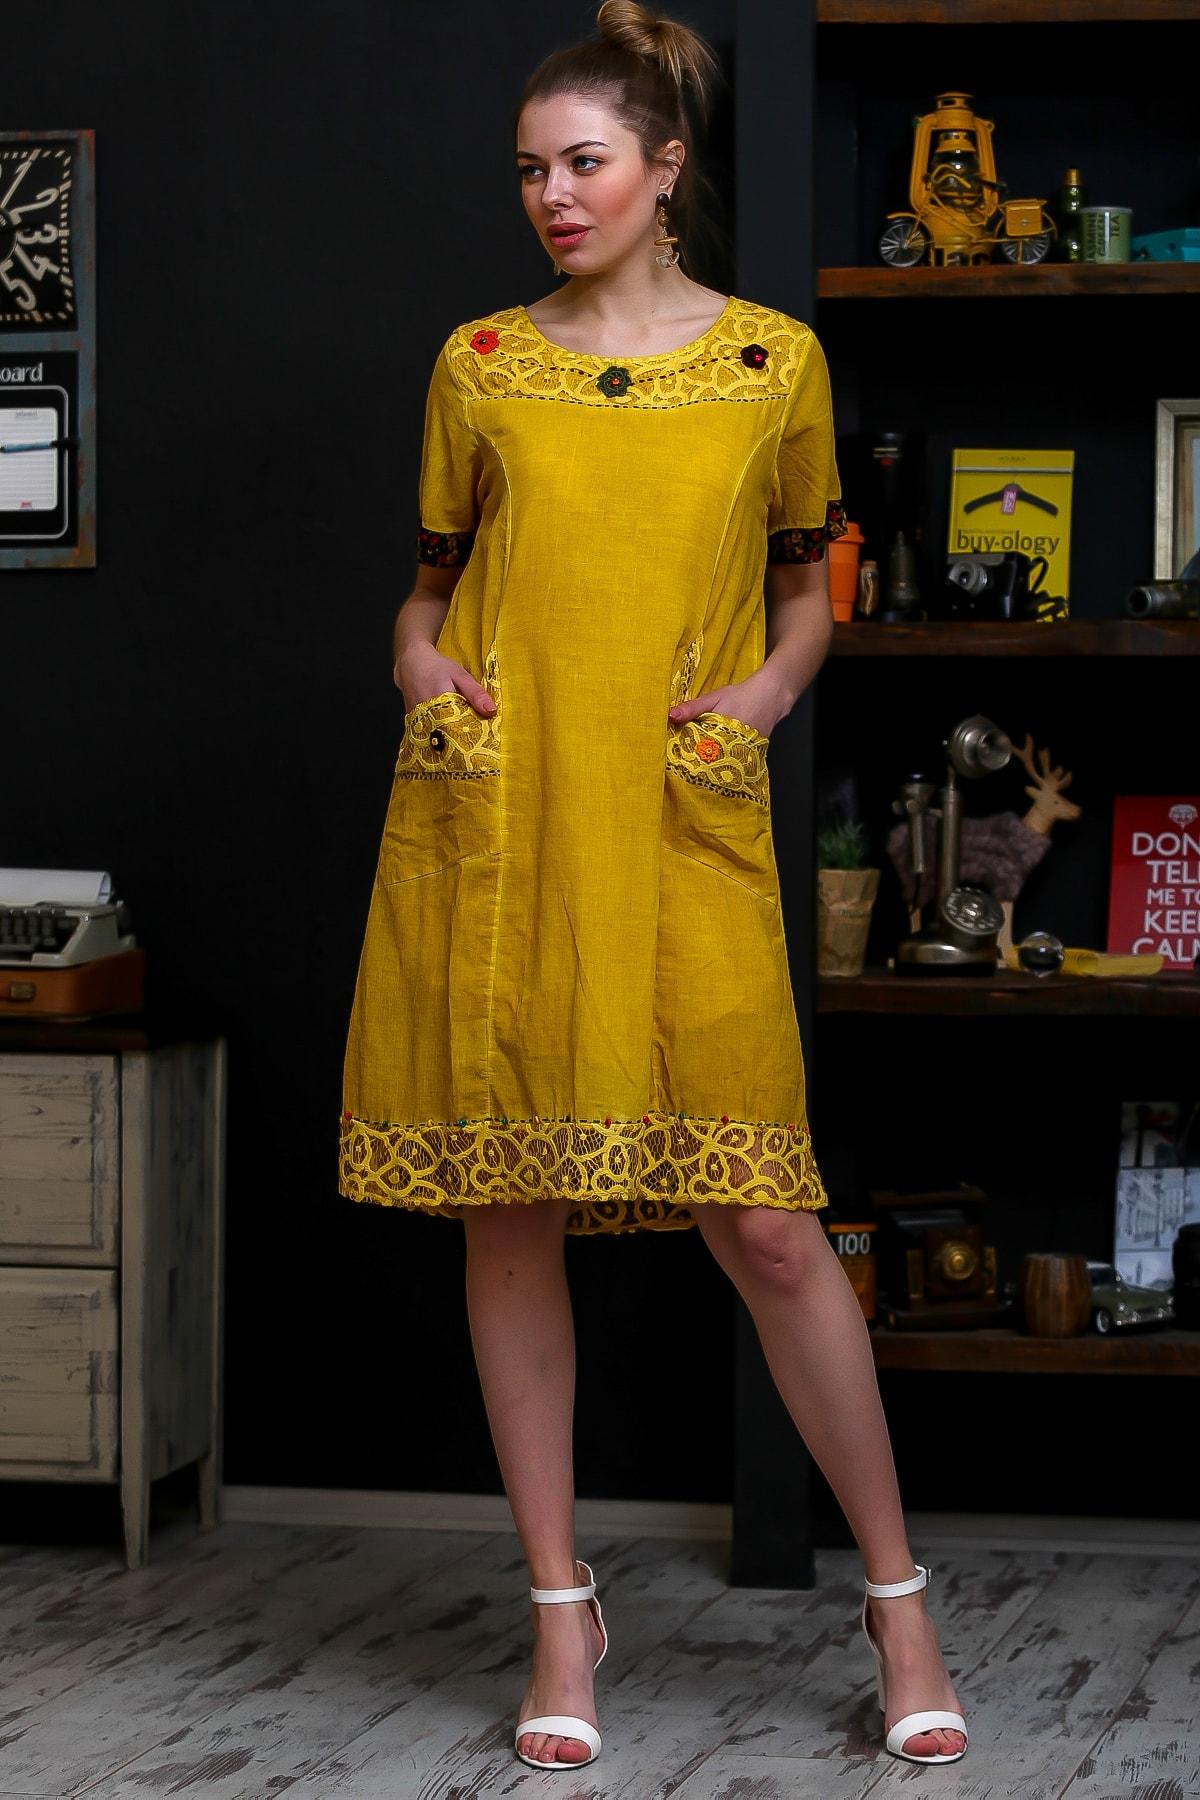 Chiccy Kadın Hardal Robası Dantel El İşi Çiçek Detay Cepli Astarlı Yıkamalı Dokuma Elbise M10160000EL95870 2